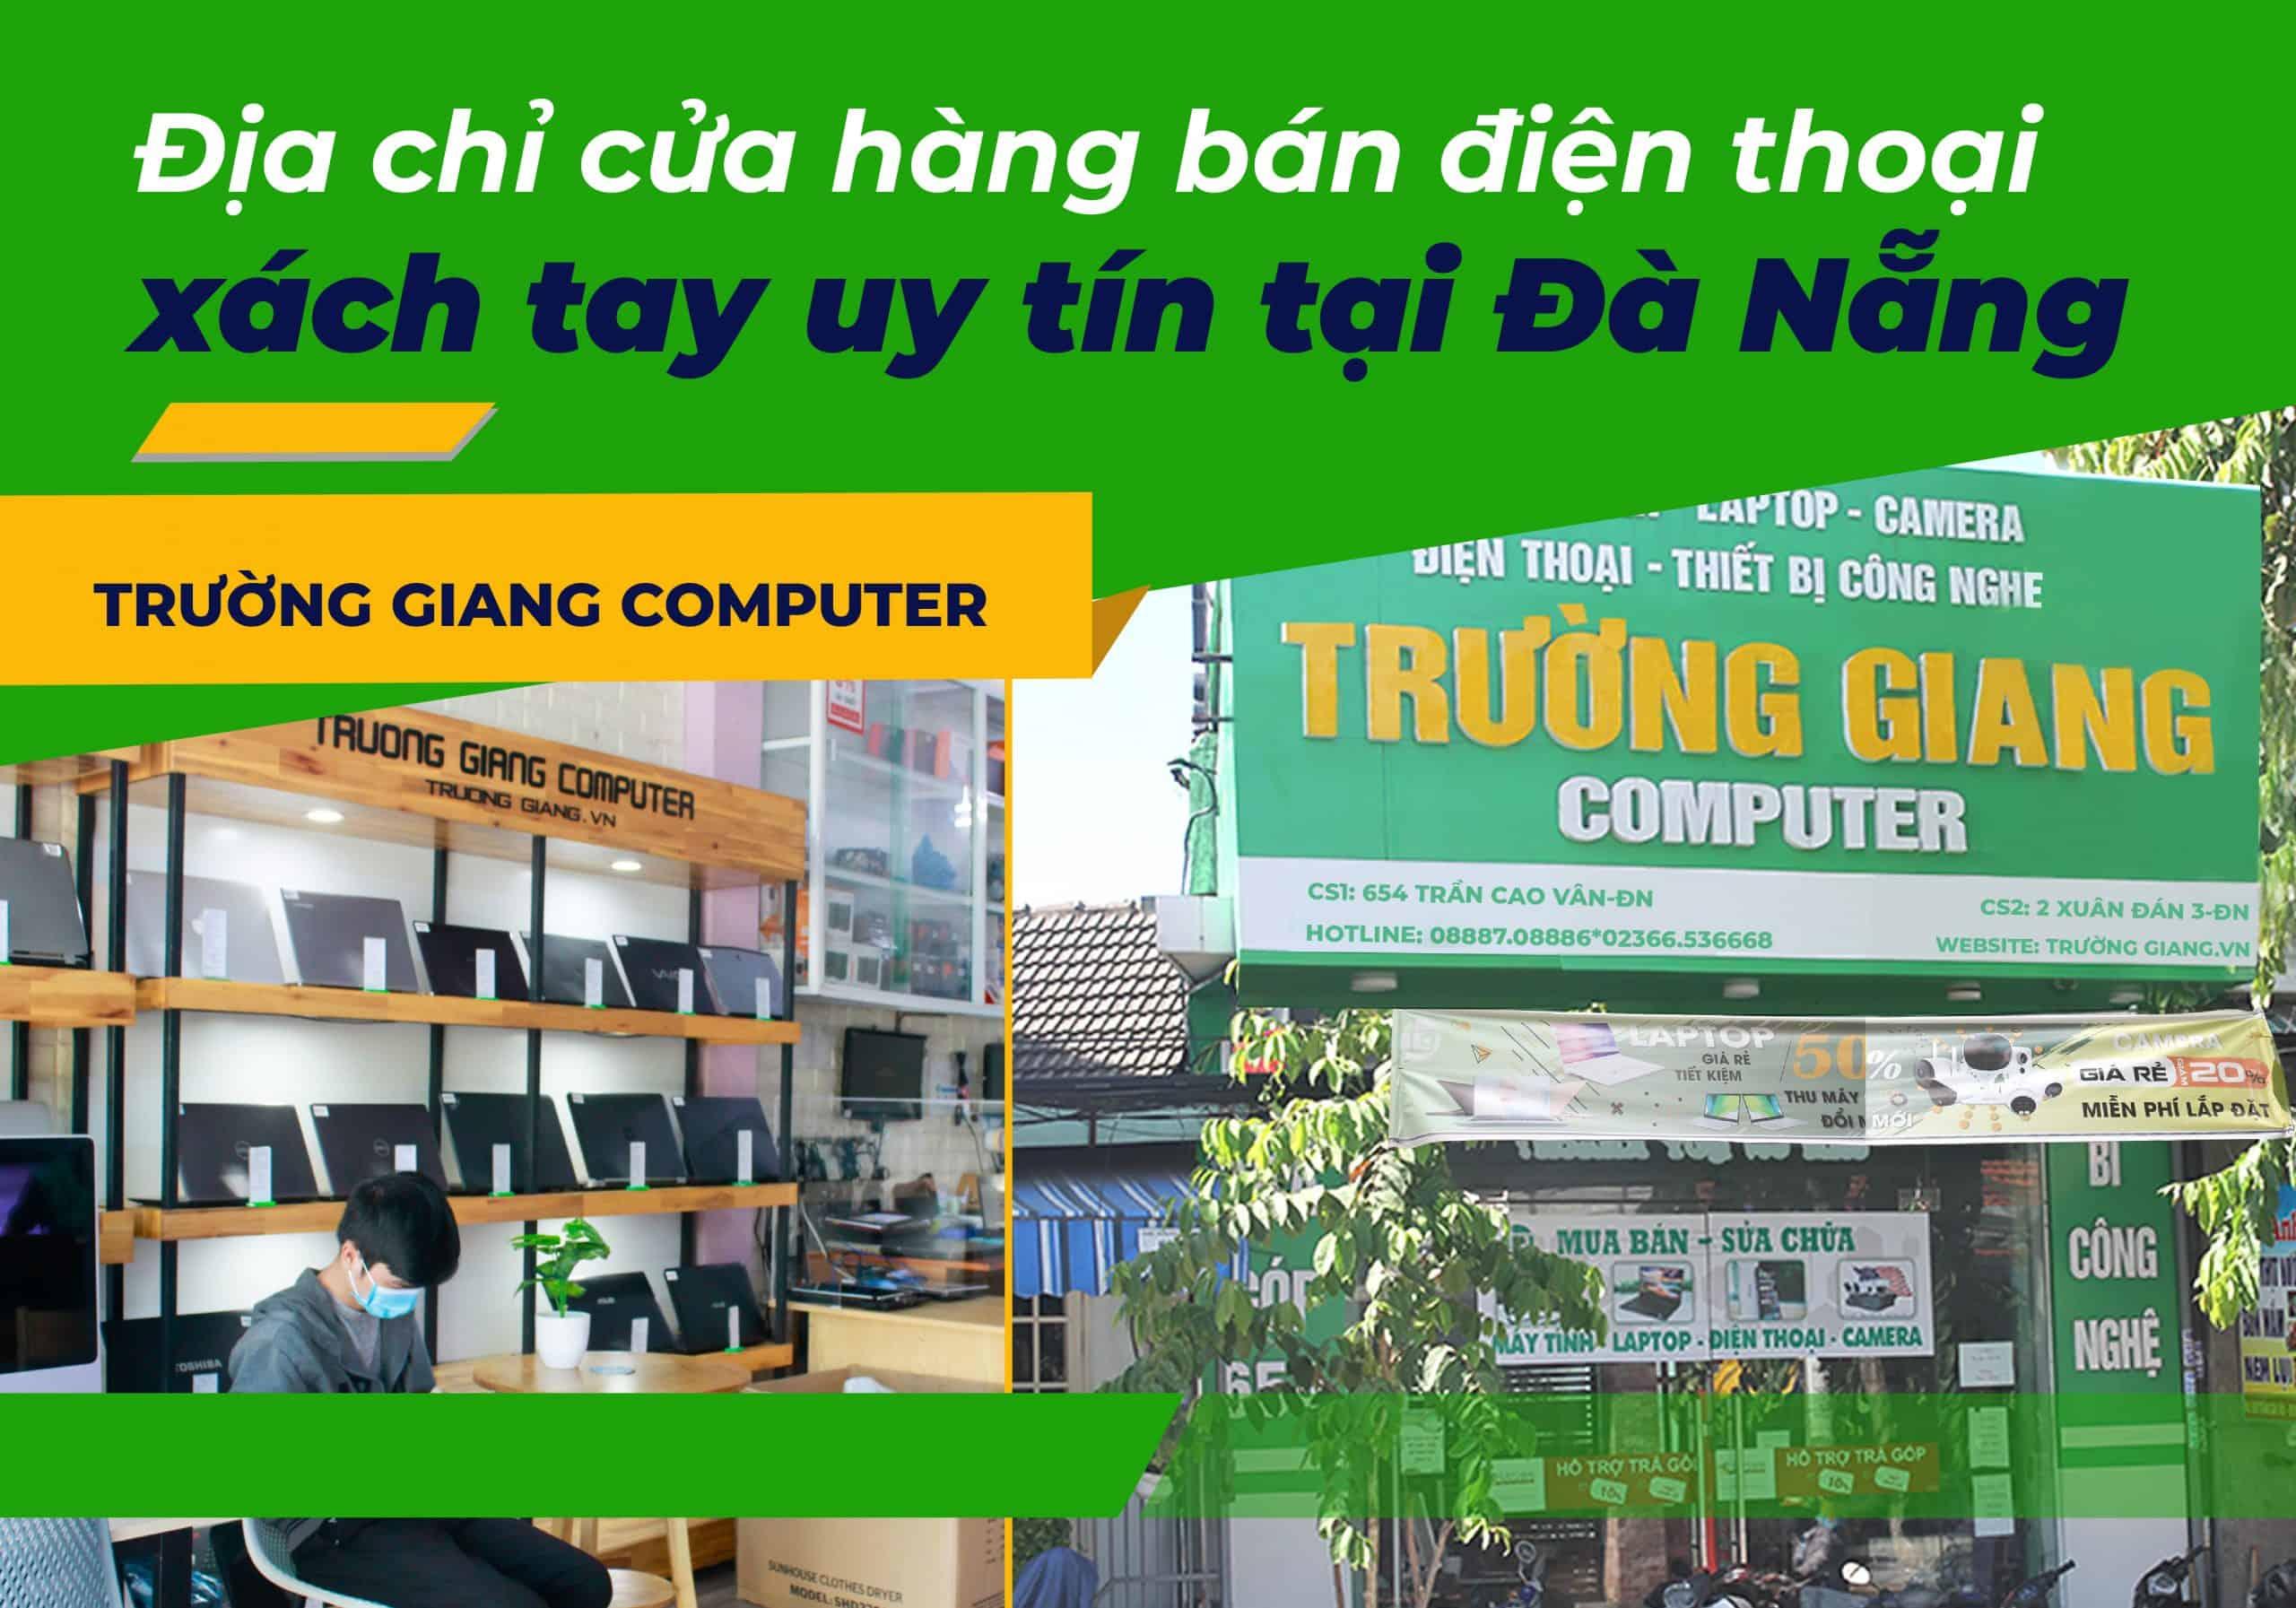 Địa chỉ cửa hàng bán điện thoại xách tay uy tín tại Đà Nẵng